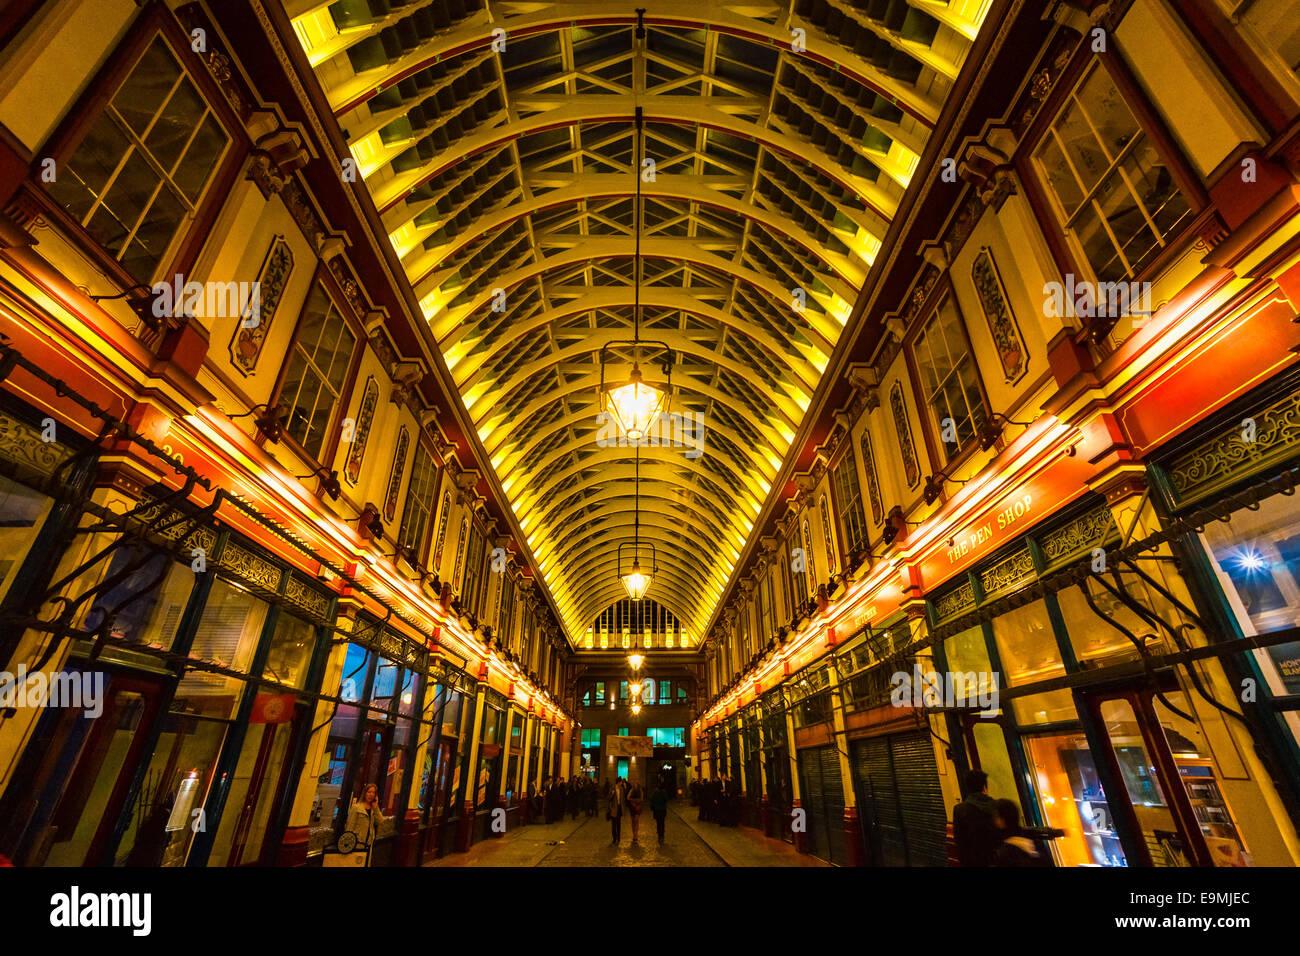 LONDON - 19 März: Leadenhall Market ist eine Markthalle in London, es ist eines der ältesten Marketsof Stockbild